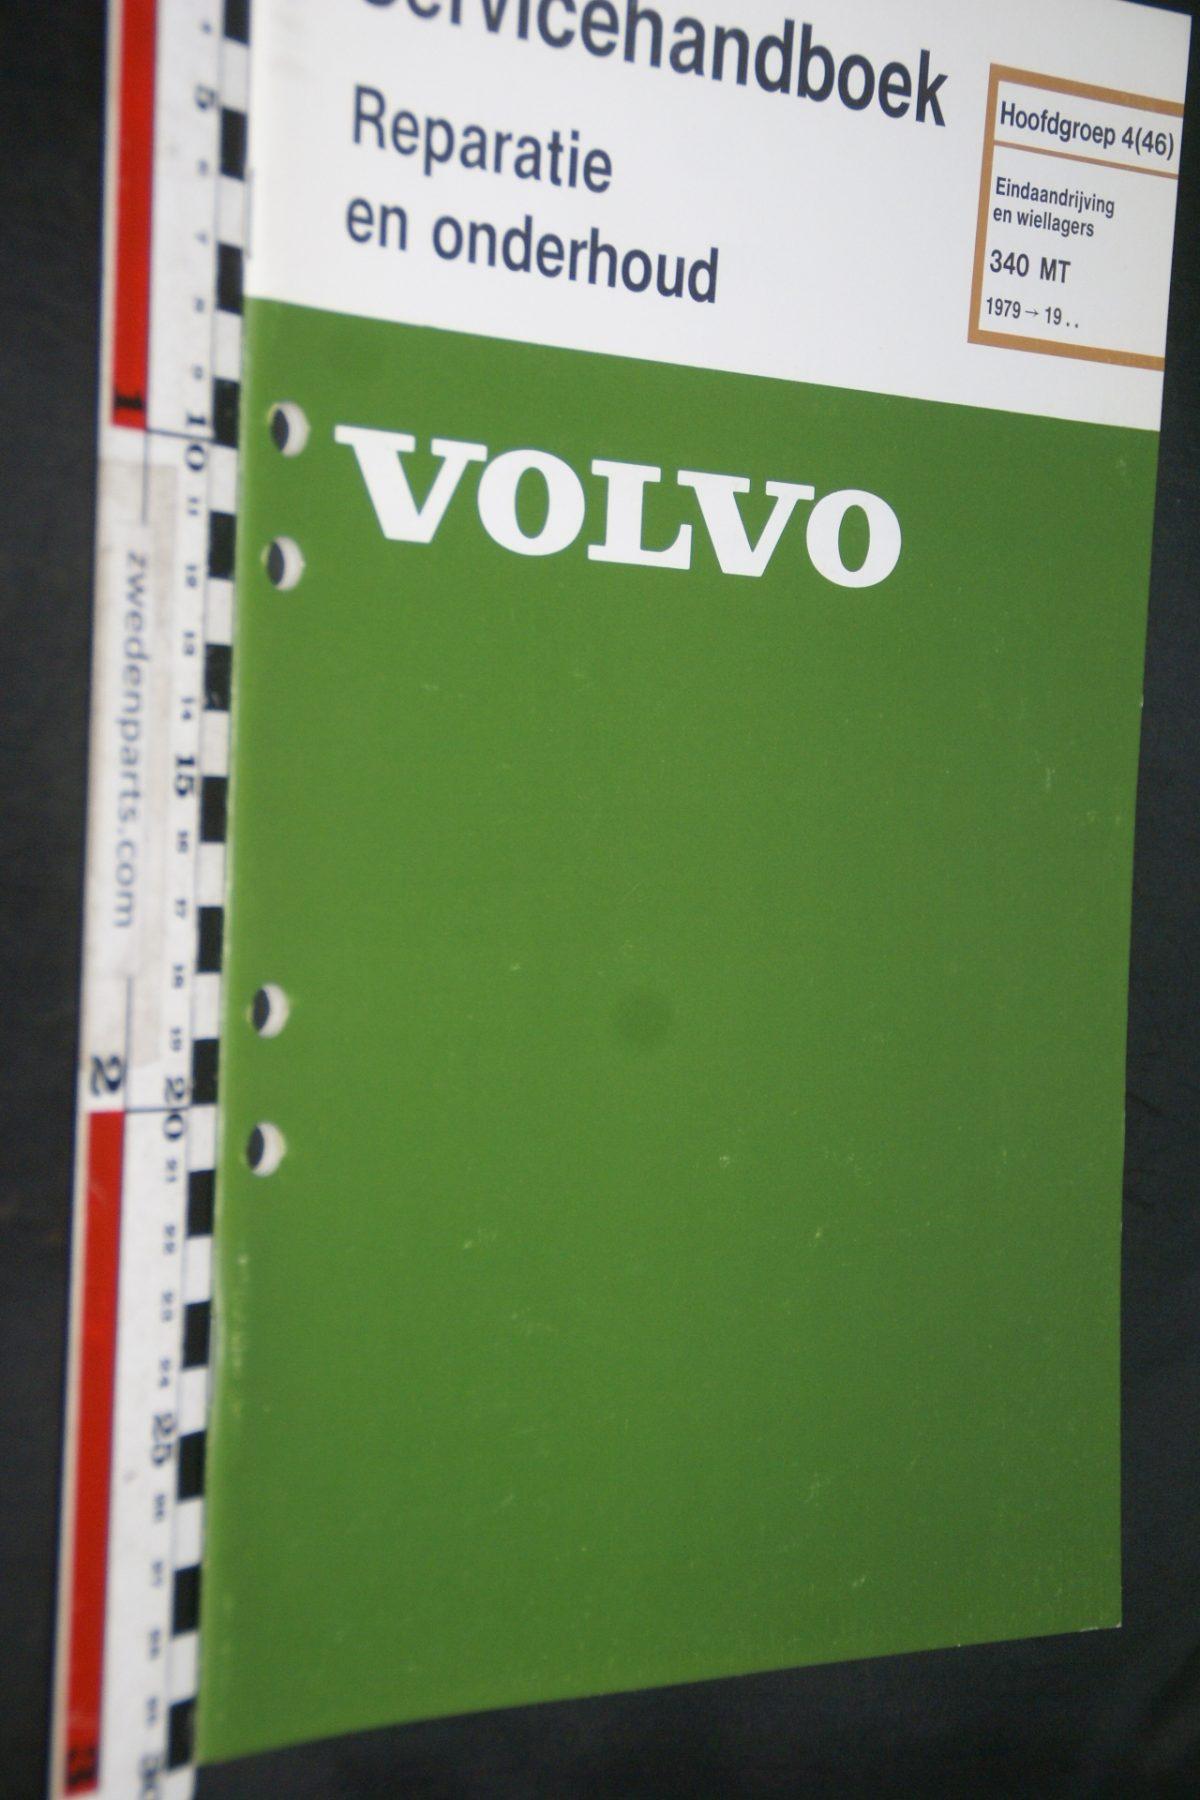 DSC06782 1979 origineel Volvo 340  MT servicehandboek 4(46) eindaandrijving en lagers 1 van 800 TP 12436-2